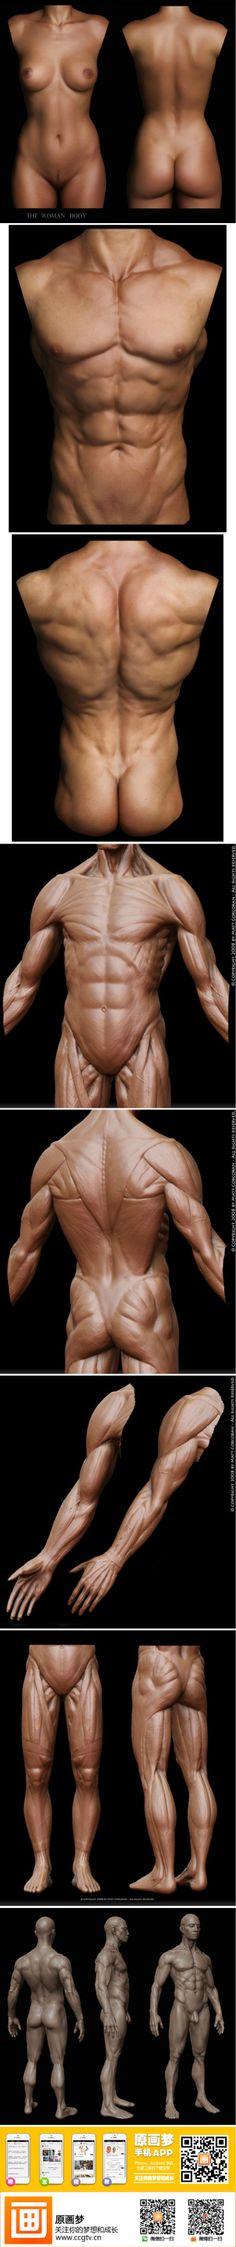 boceto cuerpo humano. Referencia del libro Anatomía para el artista ...